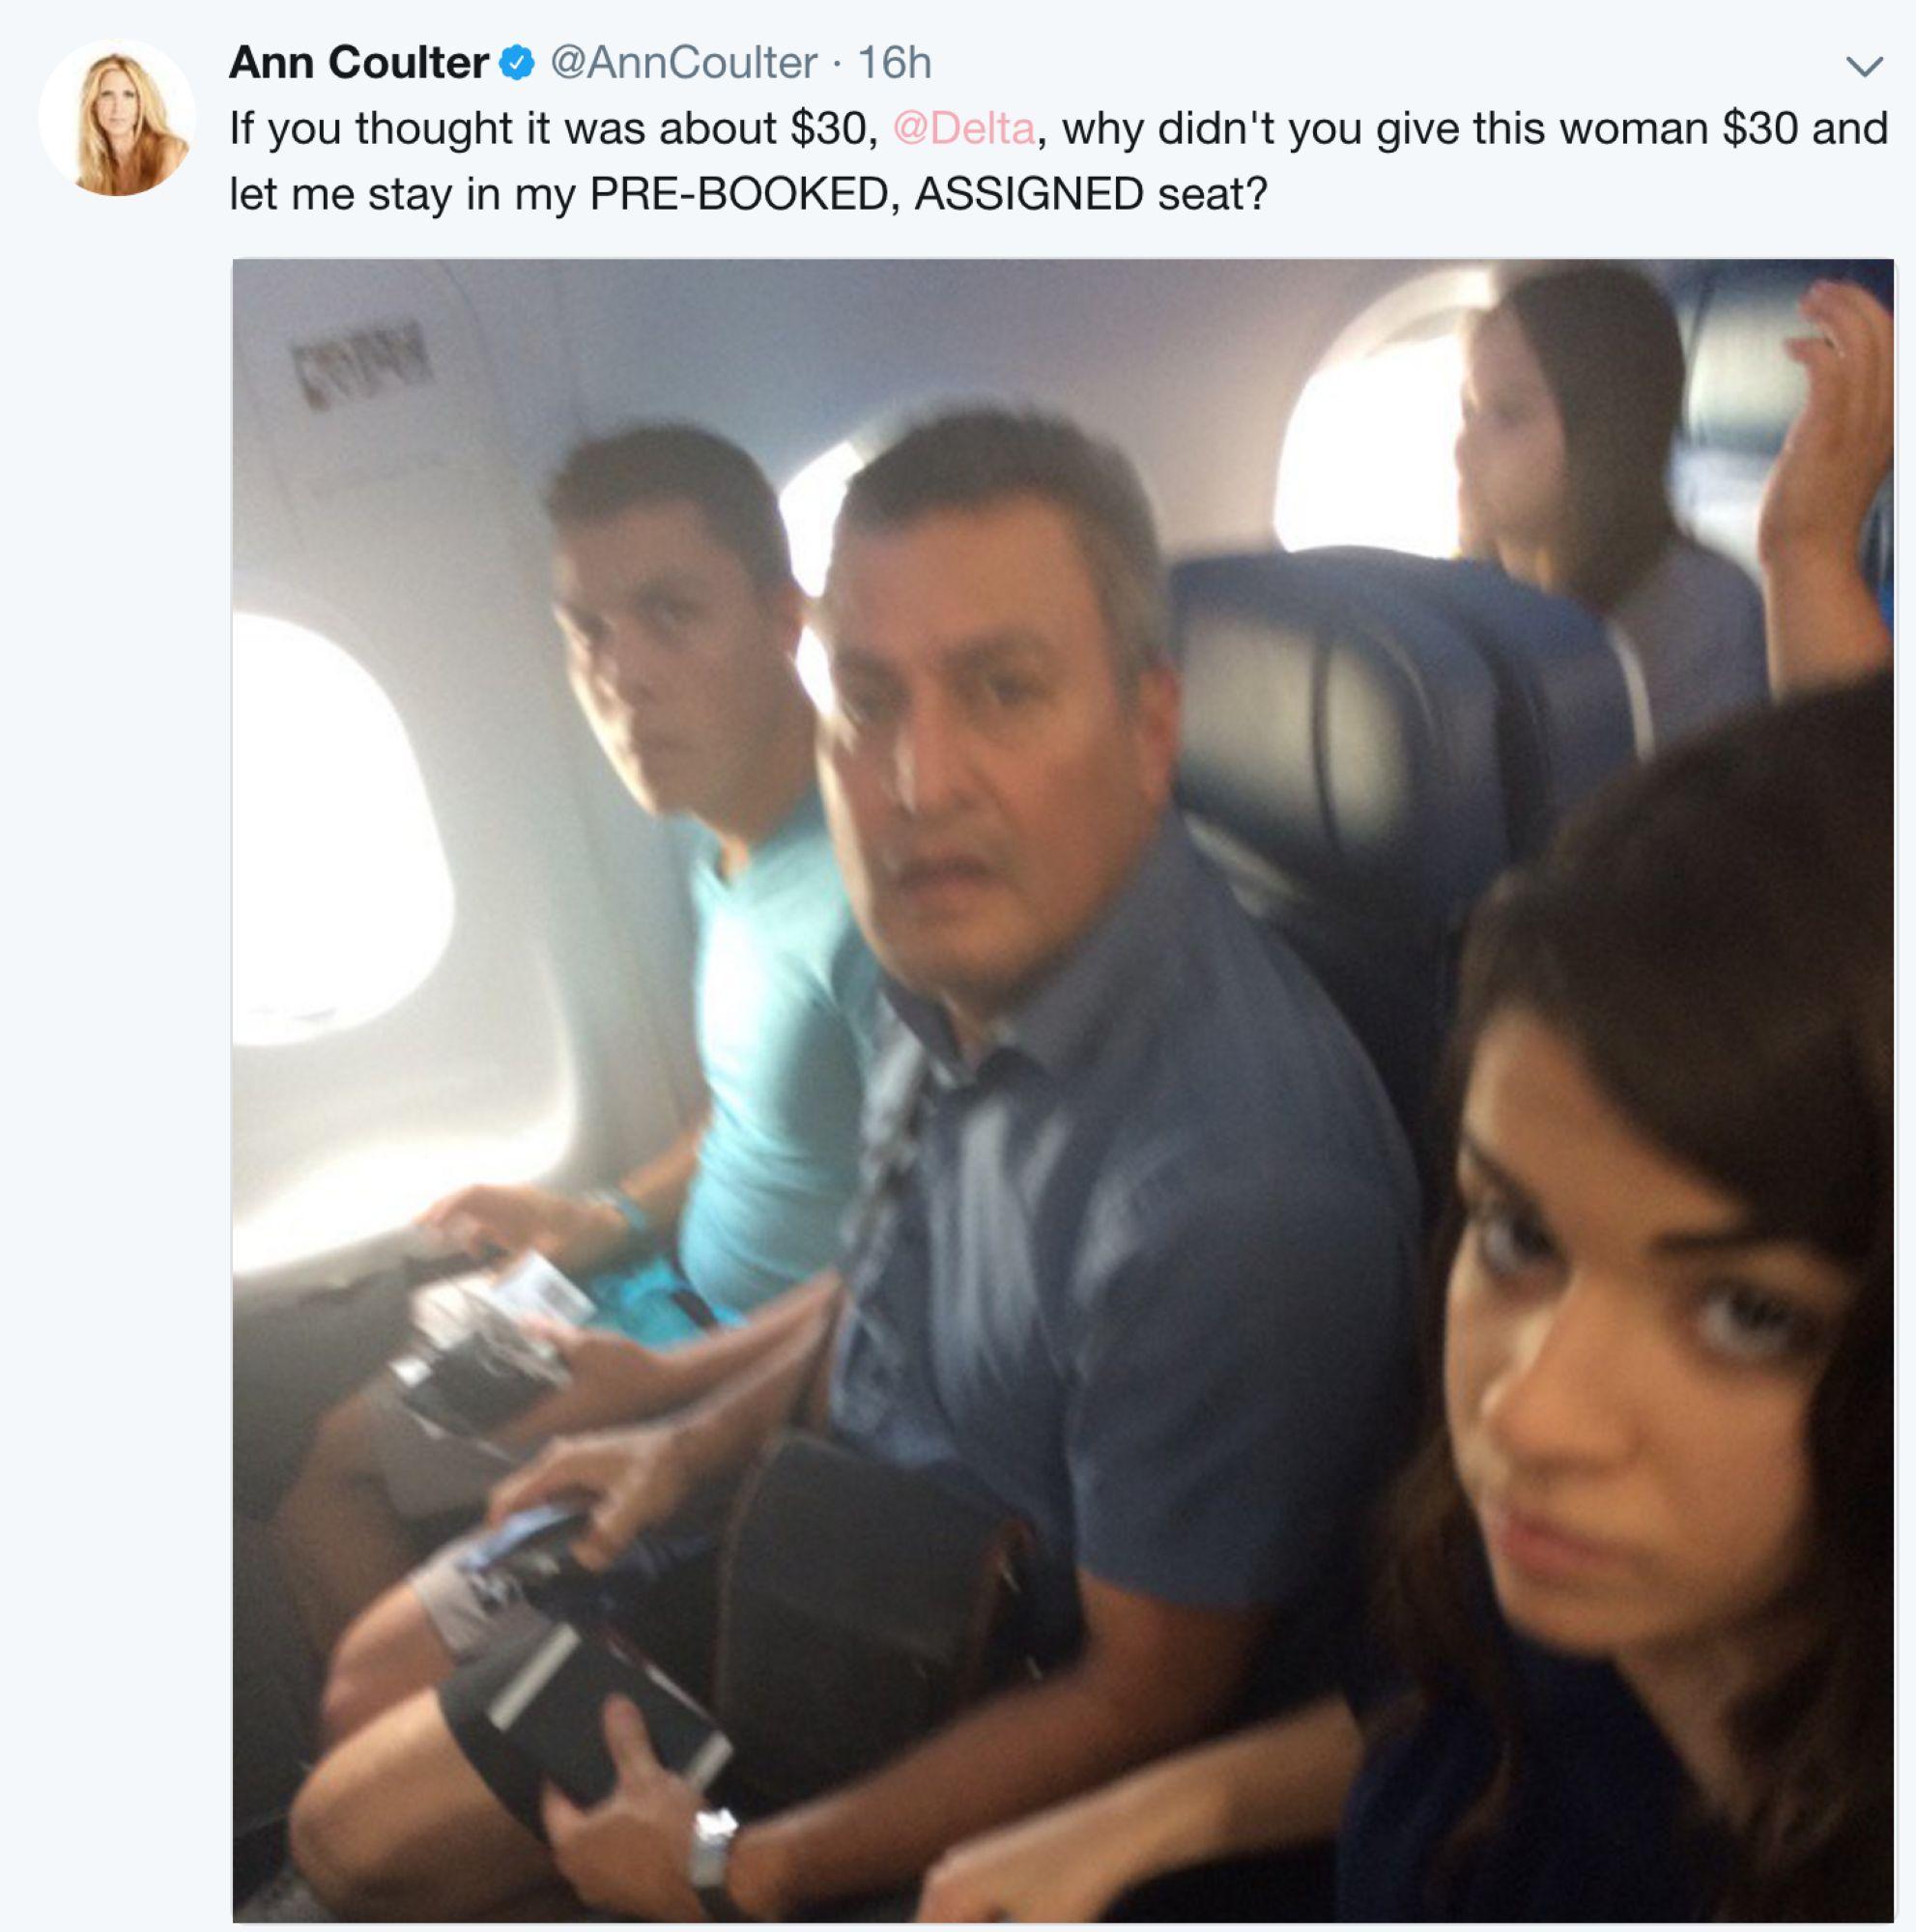 06-Anne-Coulter-tweet.jpg